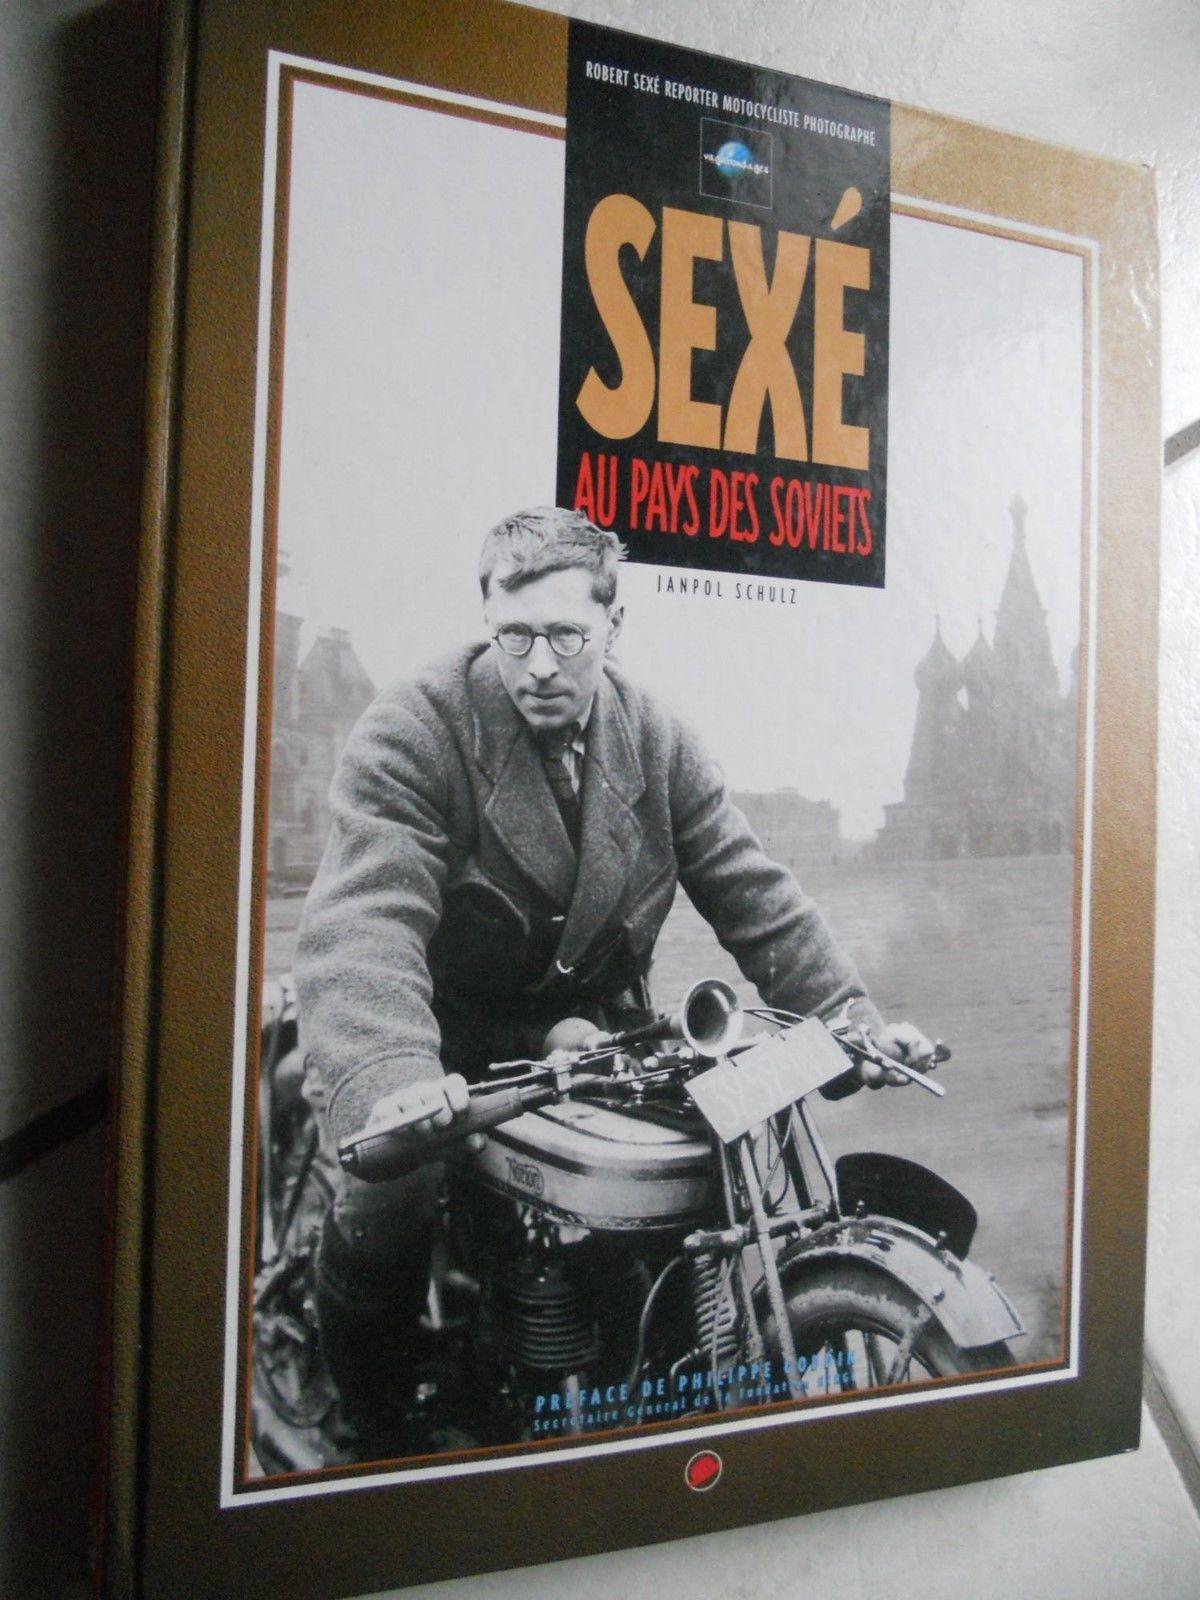 Sexé au Pays des soviets - Janpol SCHULZ Préface GODDIN Fondation HERGE- TINTIN